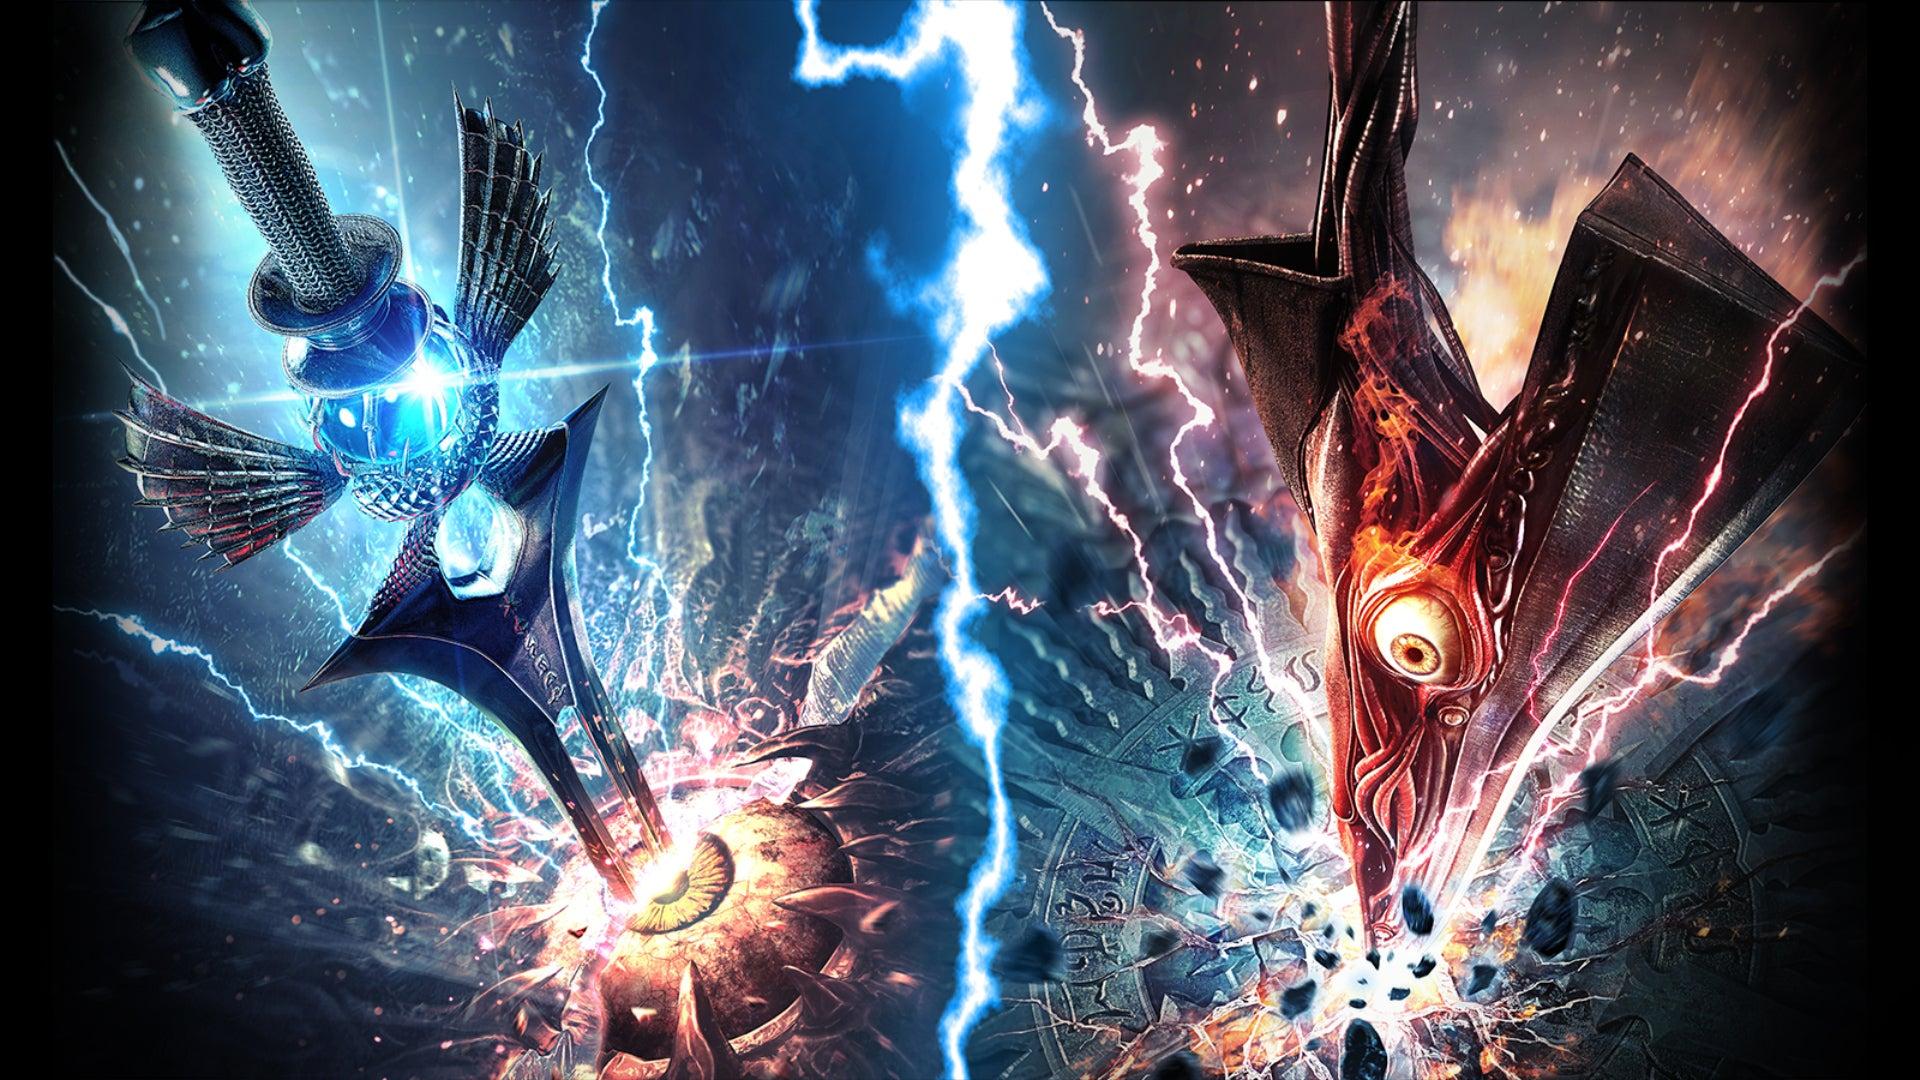 SoulCalibur VI review: A triumphant return of the long